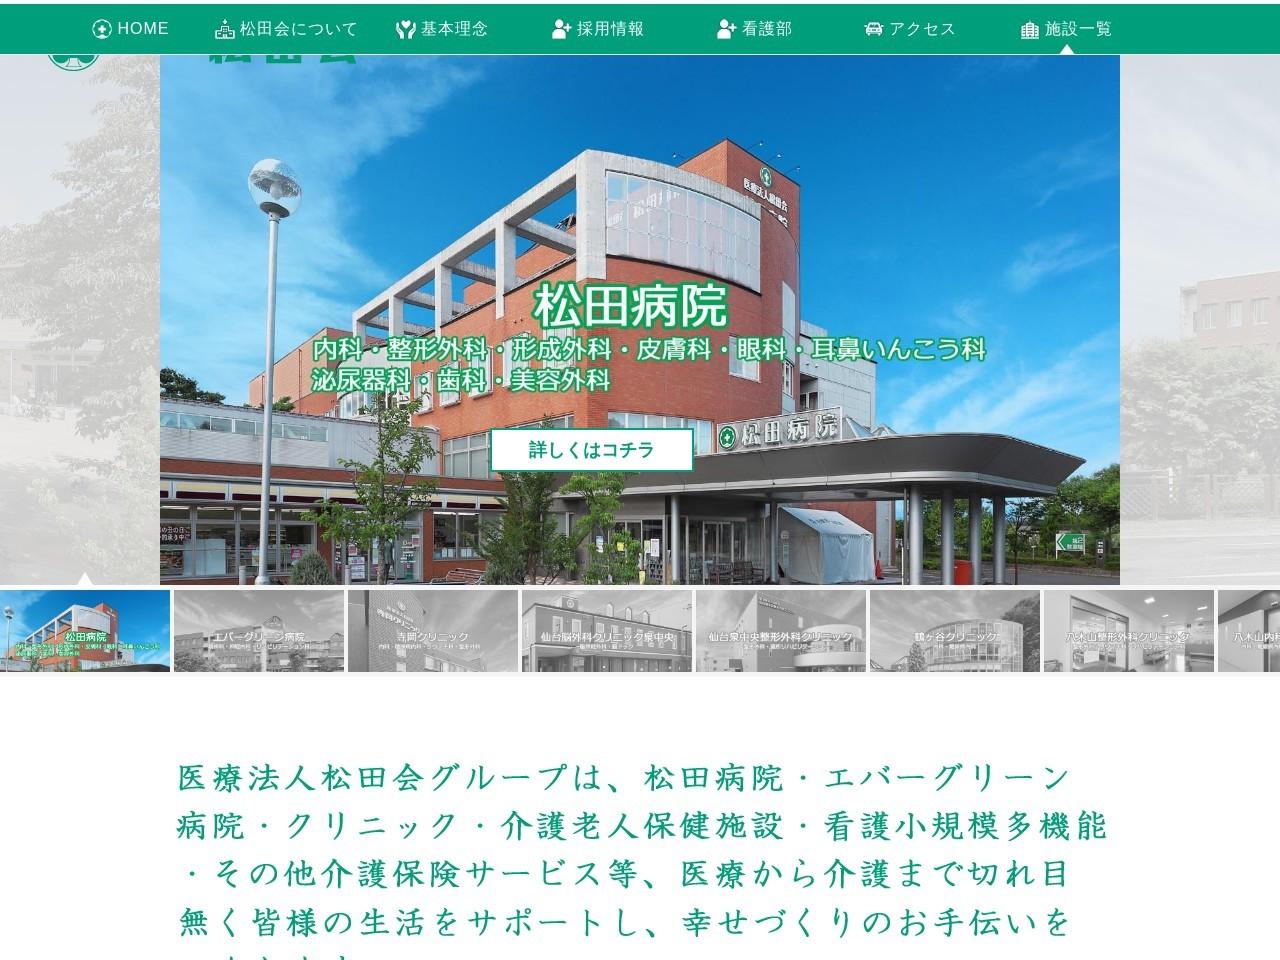 医療法人松田会  松田病院 (宮城県仙台市泉区)